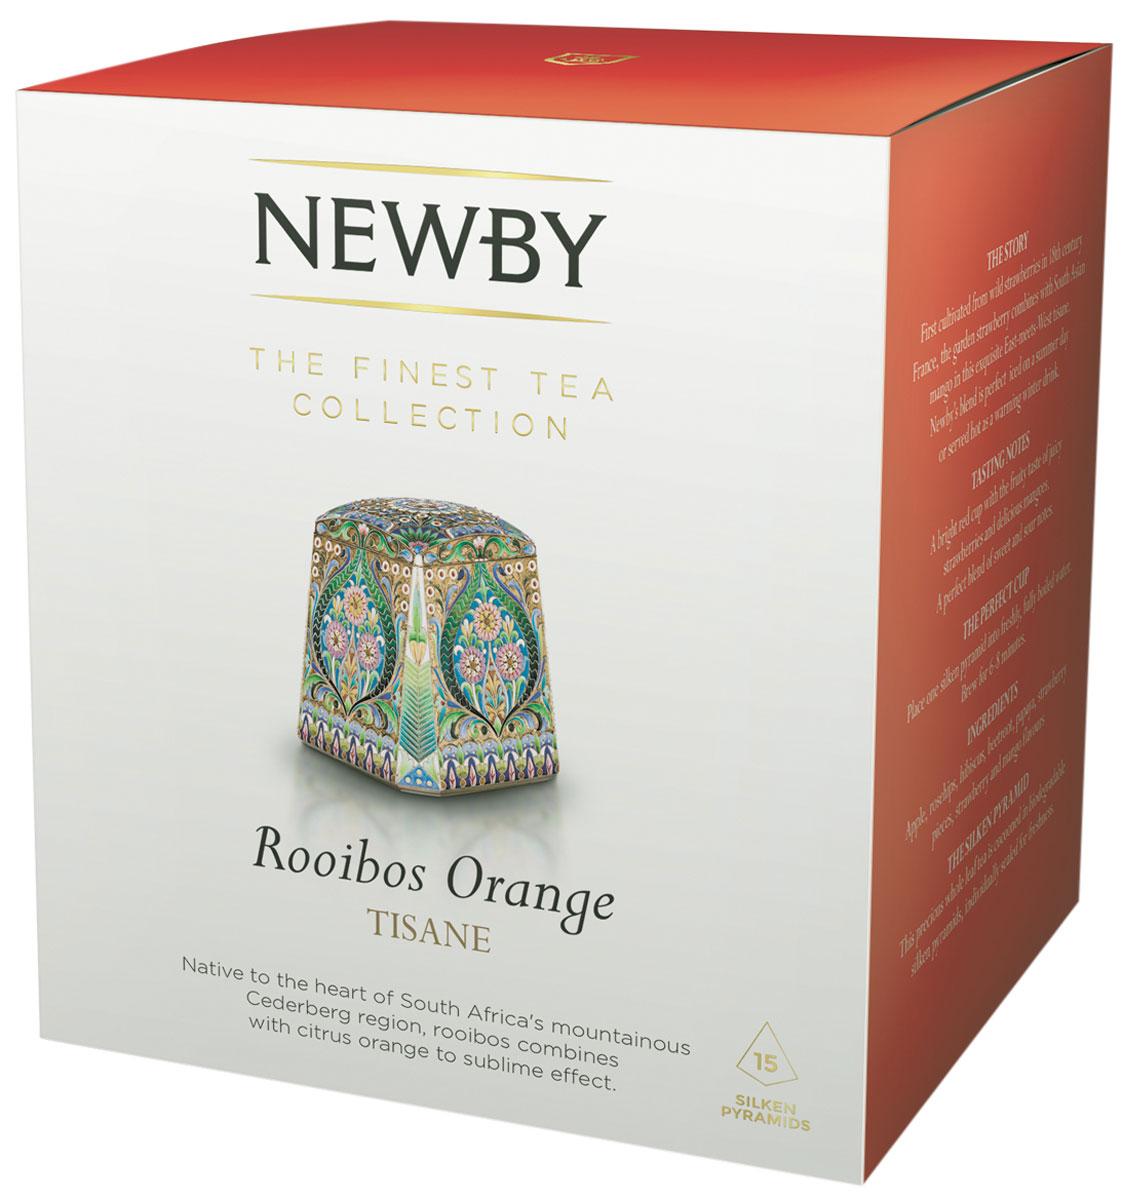 Newby Roiboos Orange травяной чай в пирамидках, 15 шт купить orange pi в москве